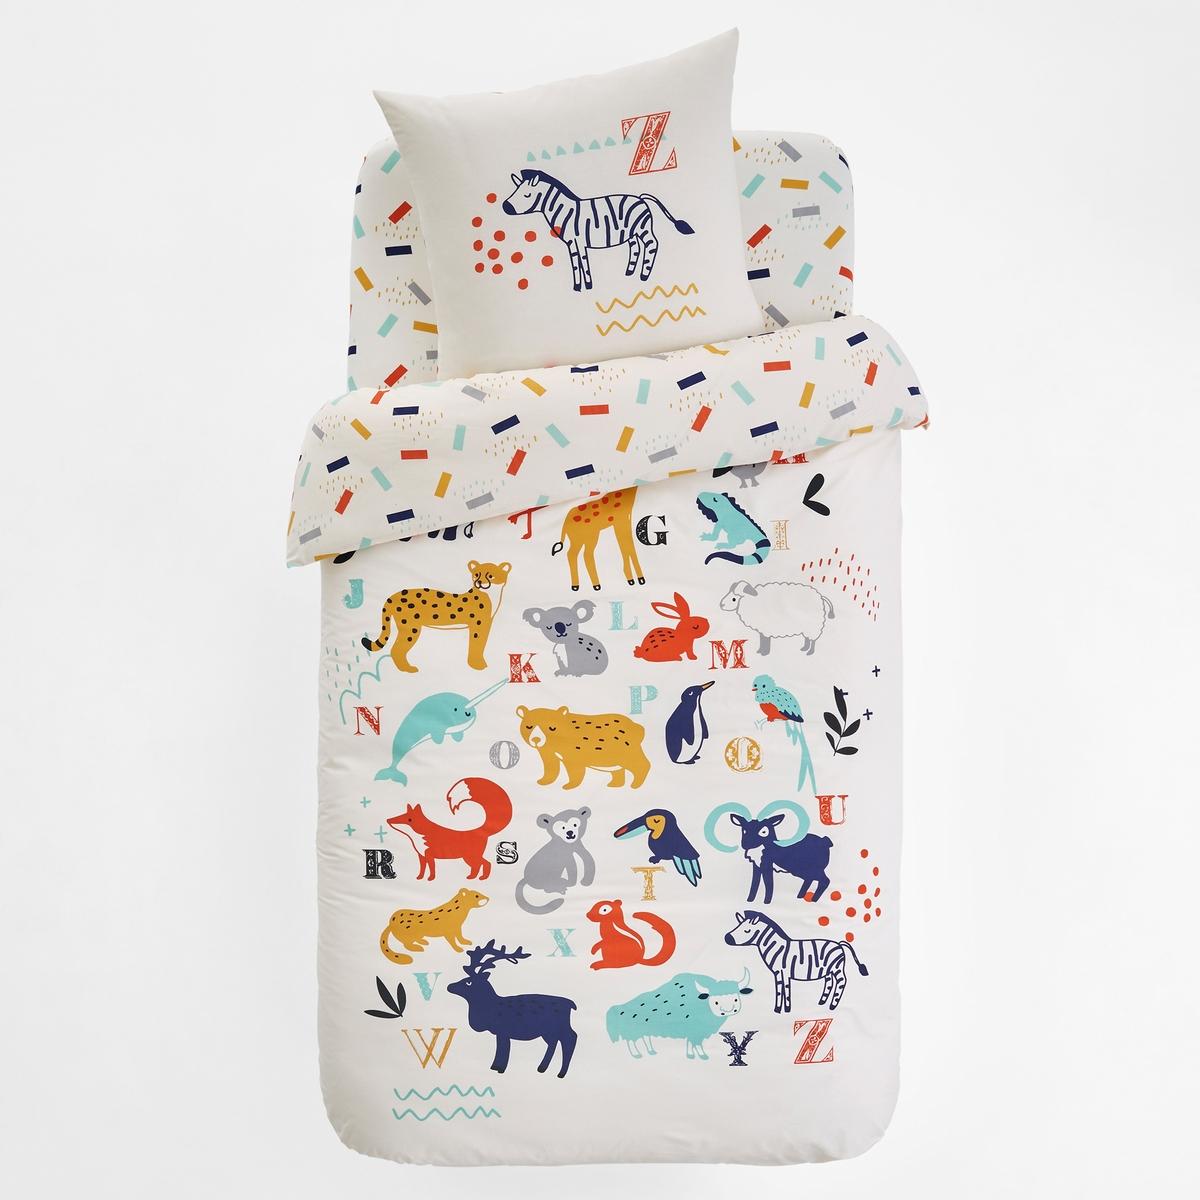 Комплект постельного белья ANIMALIA комплекты белья linse комплект белья